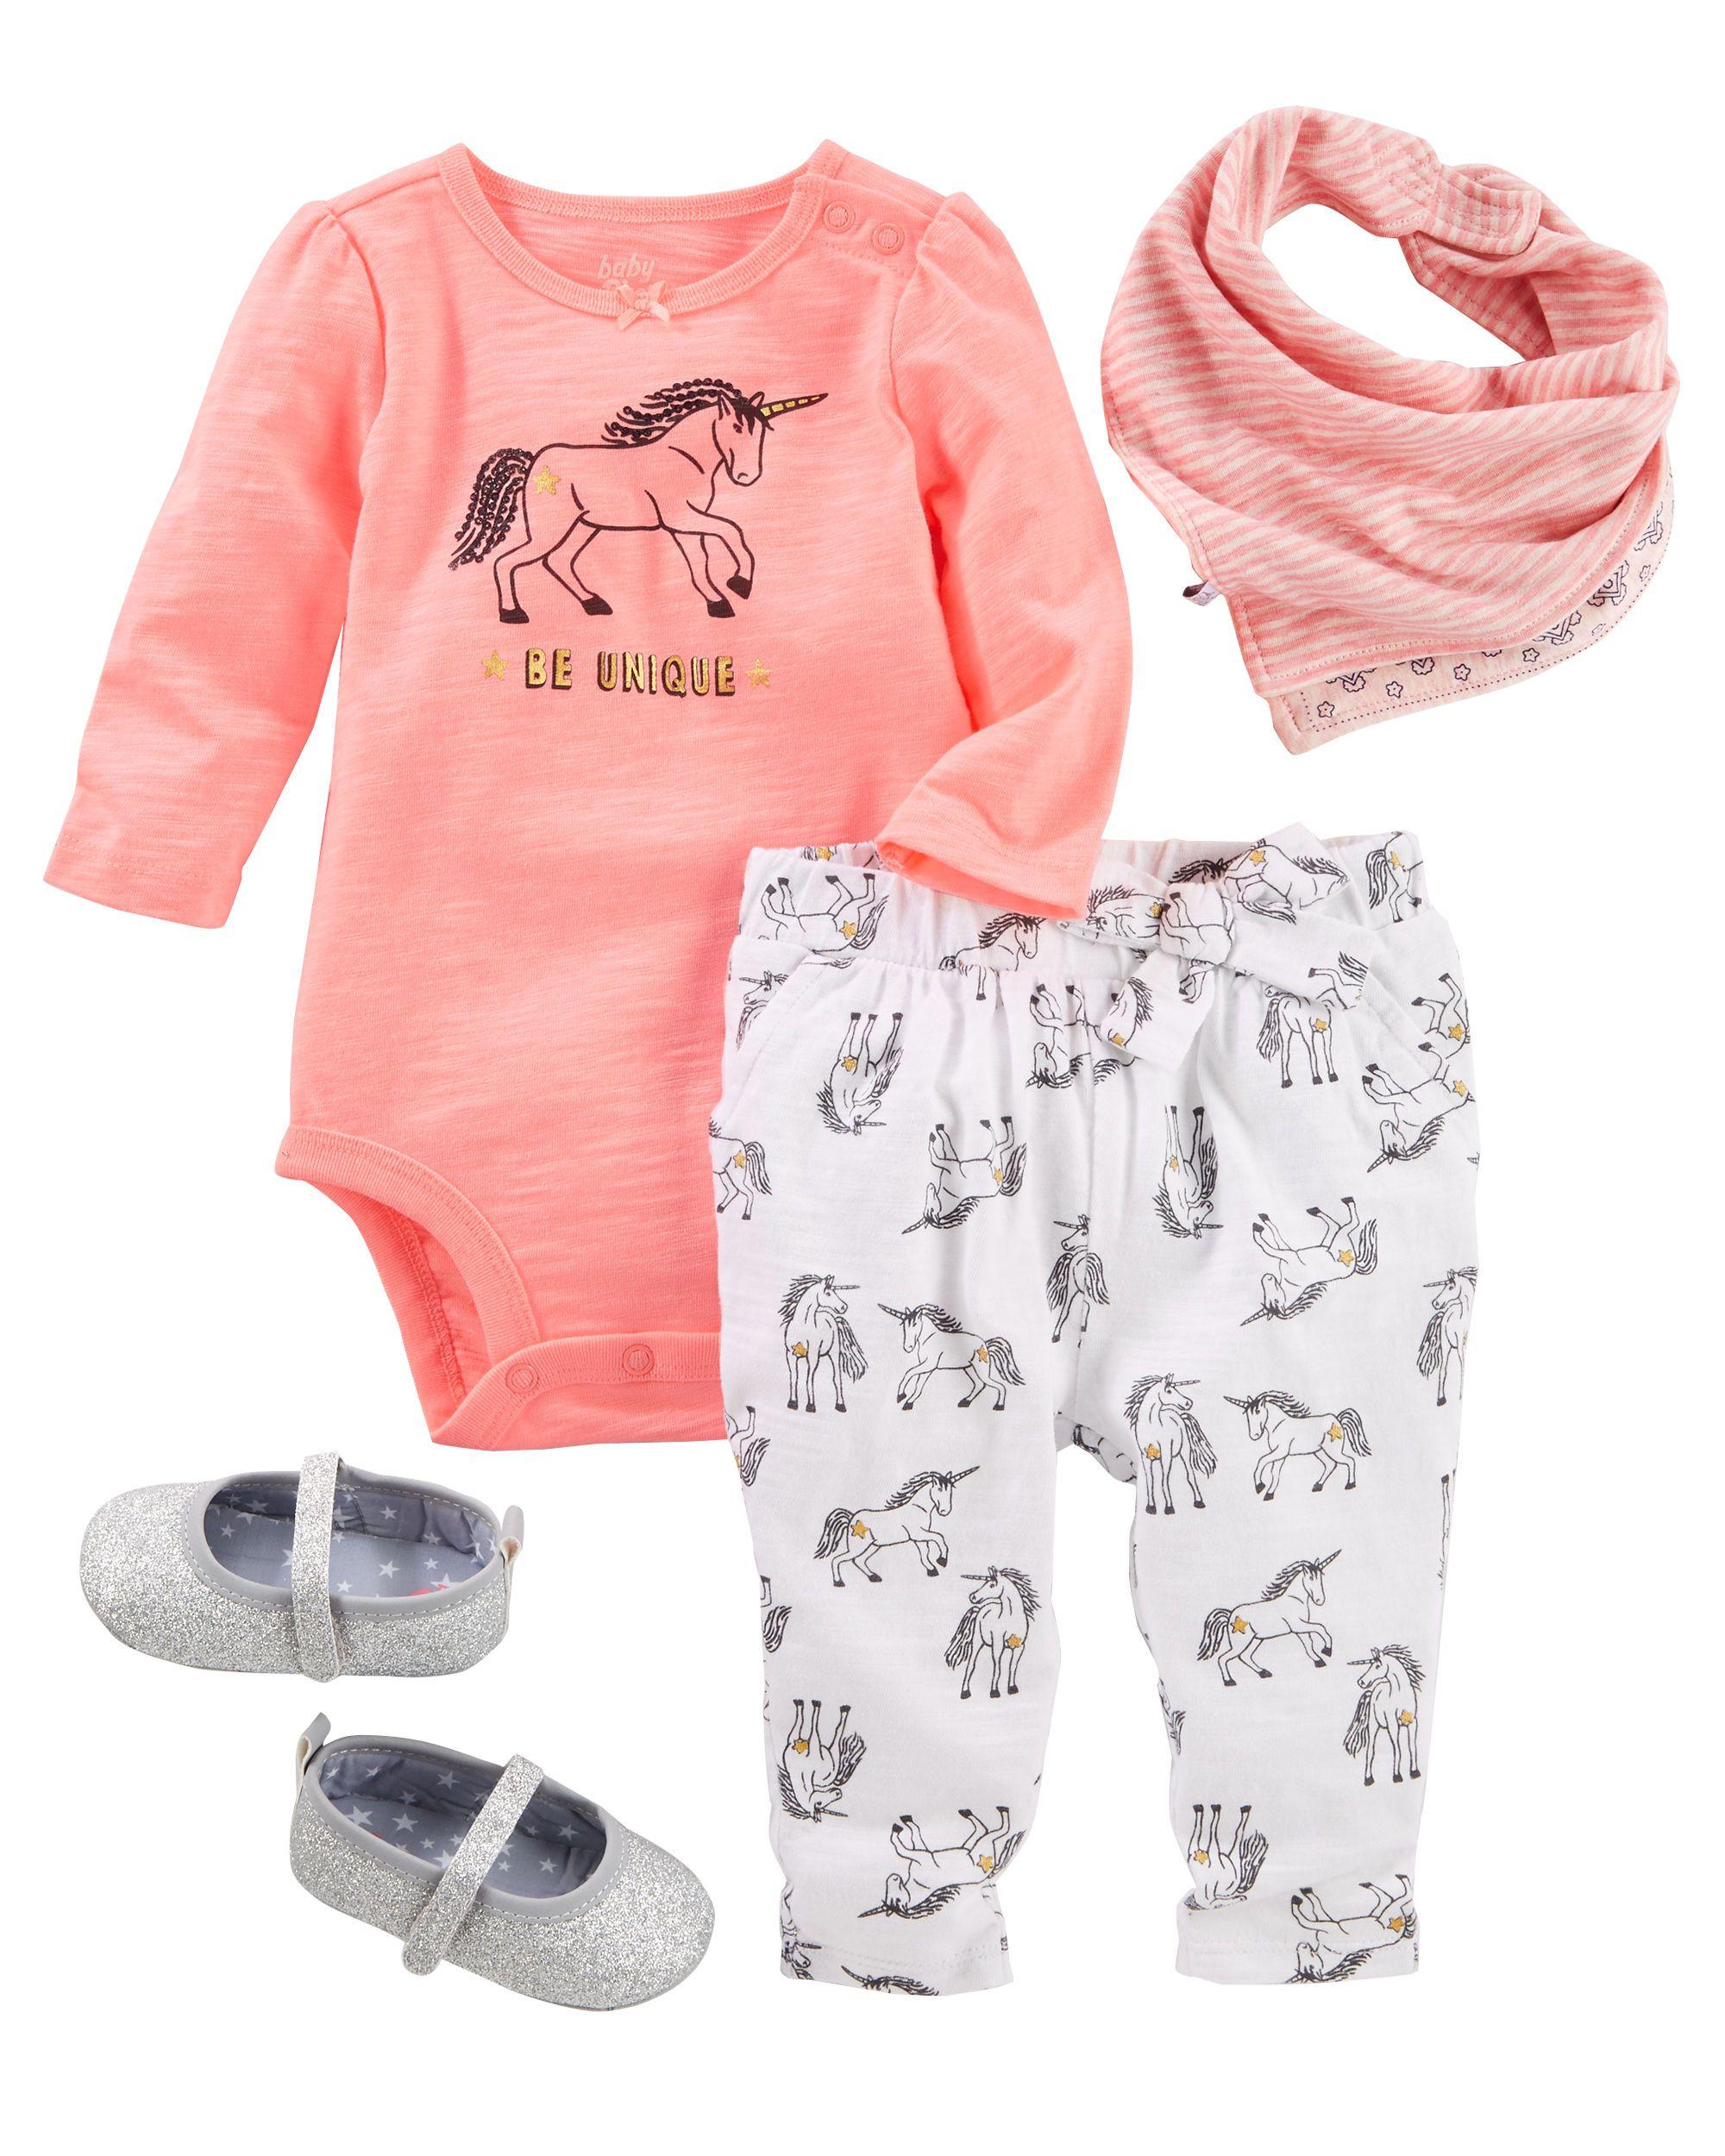 c5e68cf69 Baby Girl OshKosh.com Bebe Recem Nascidos, Roupas De Bebê, Filhos, Meninas